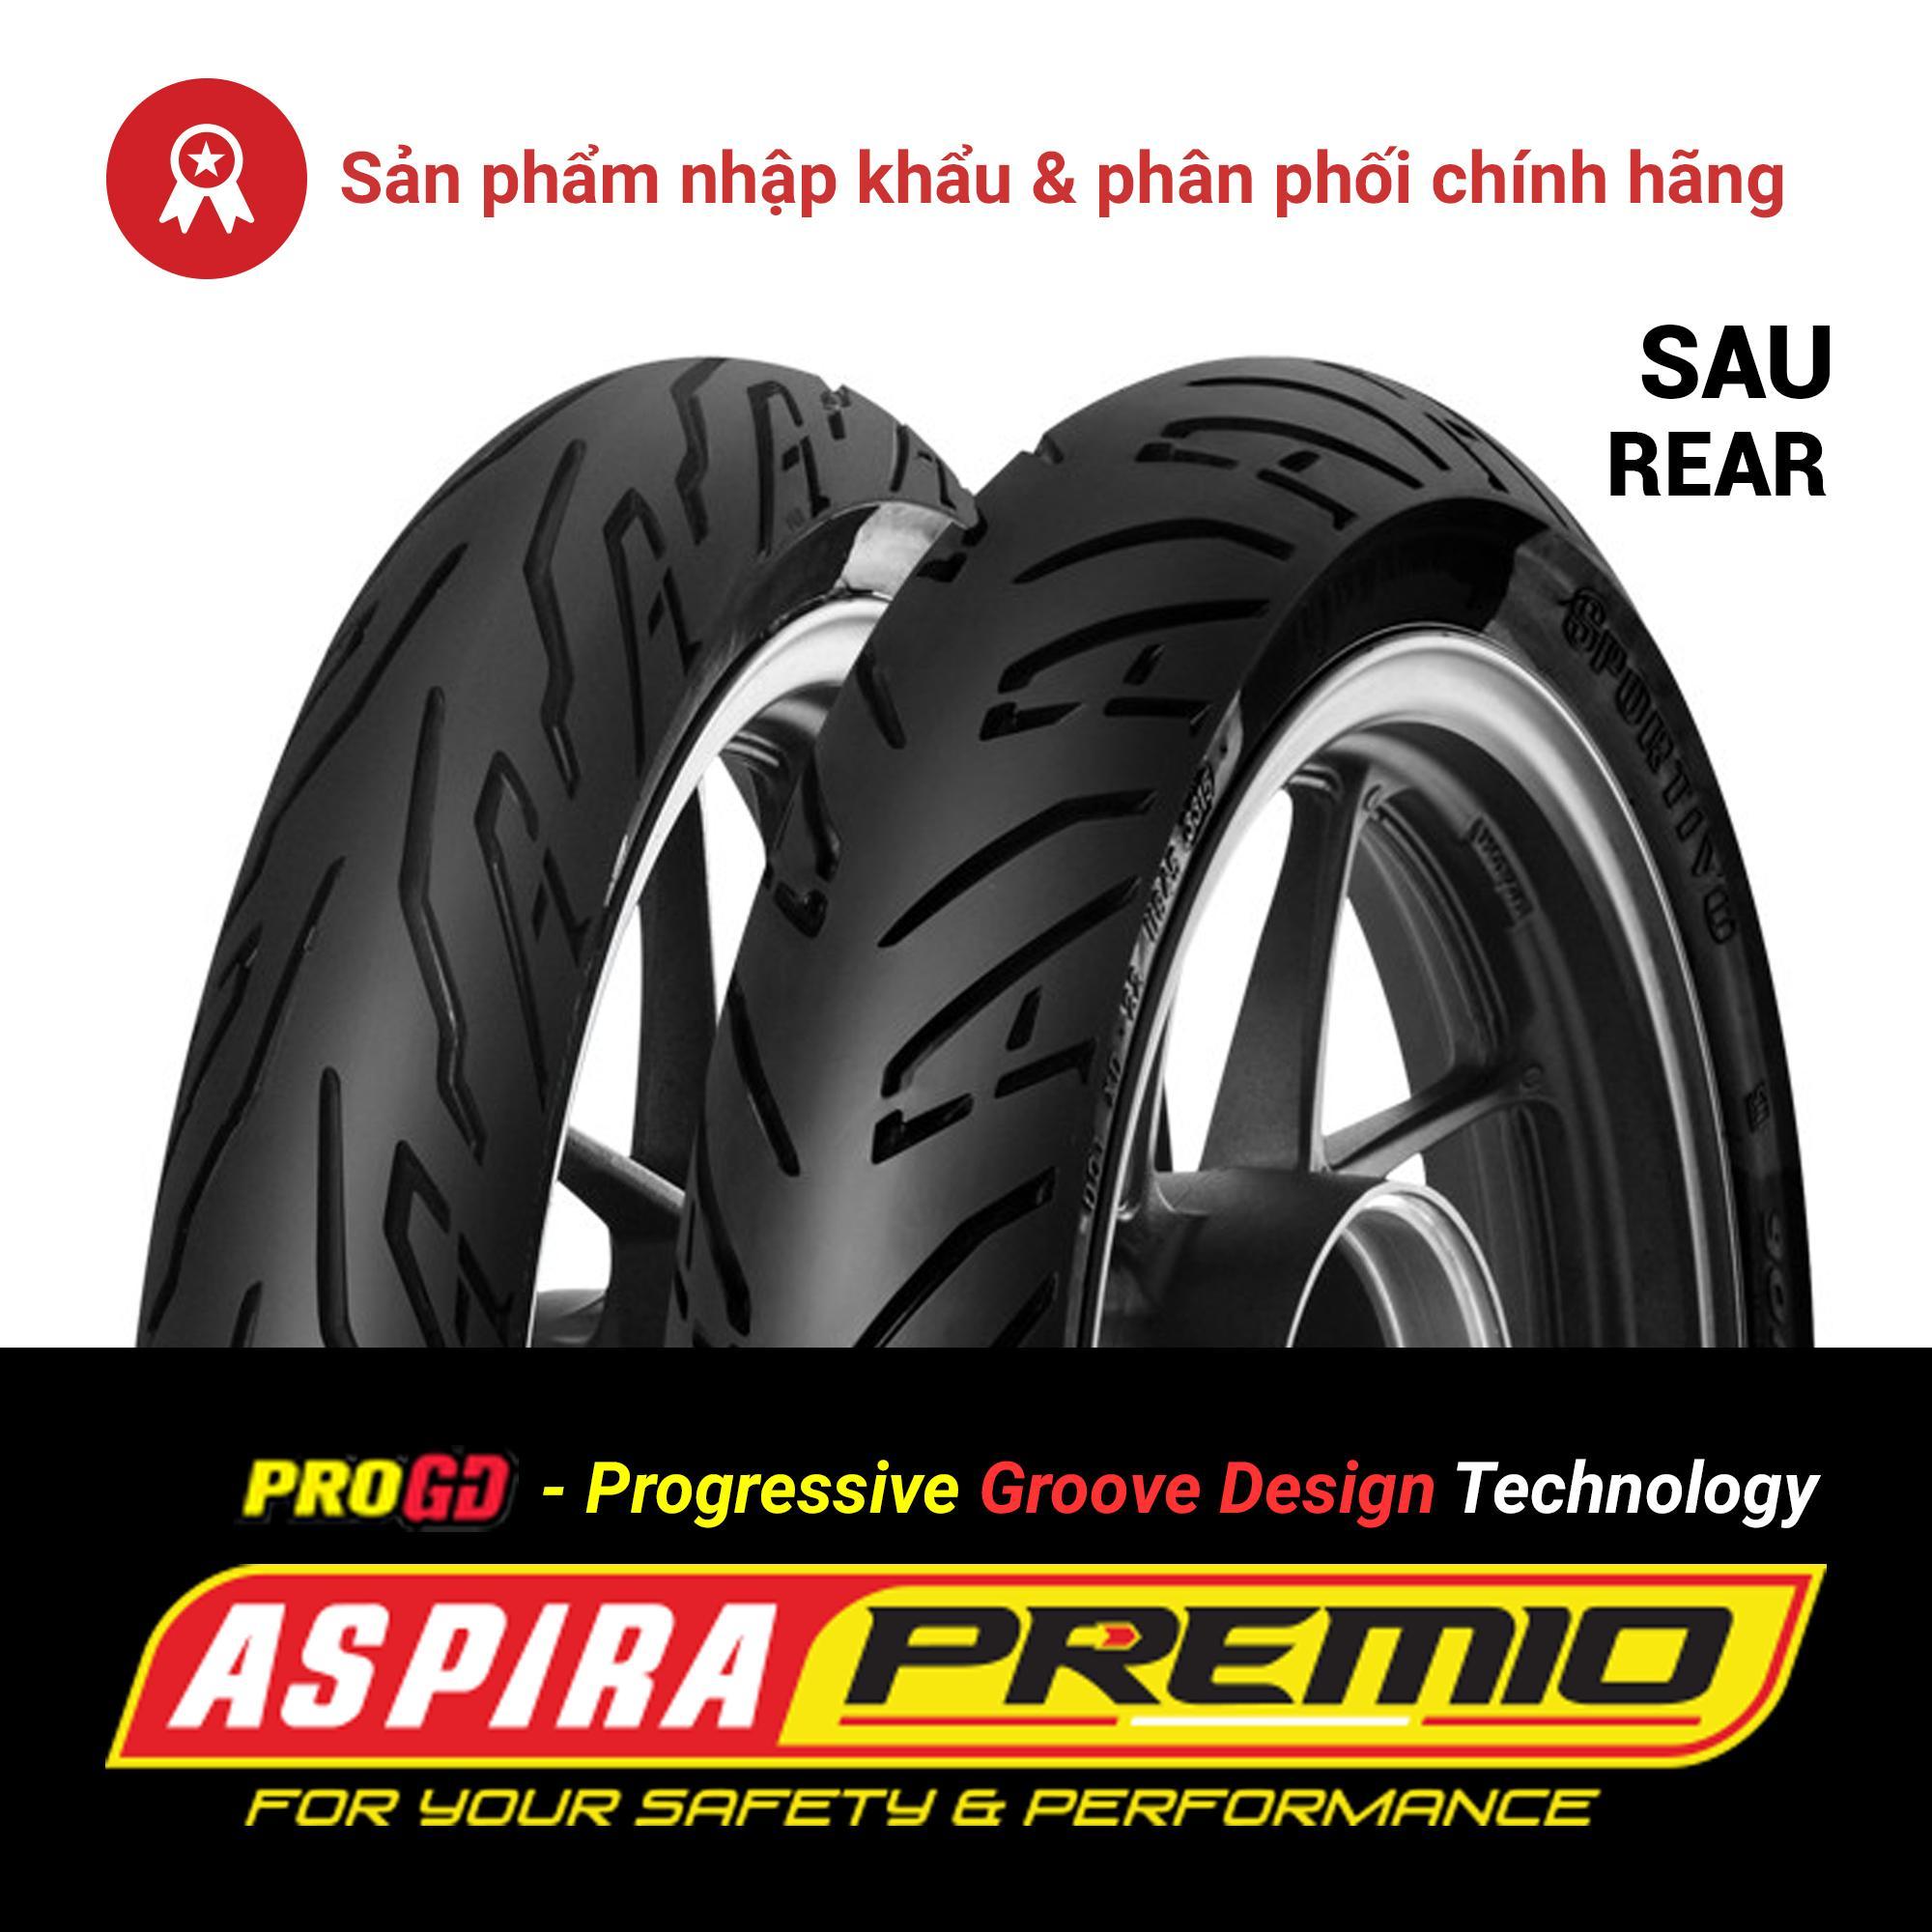 Thay lốp (vỏ) sau 100/80-14 TL Aspira Premio Sportivo chính hãng cho xe tay ga Piaggio Liberty